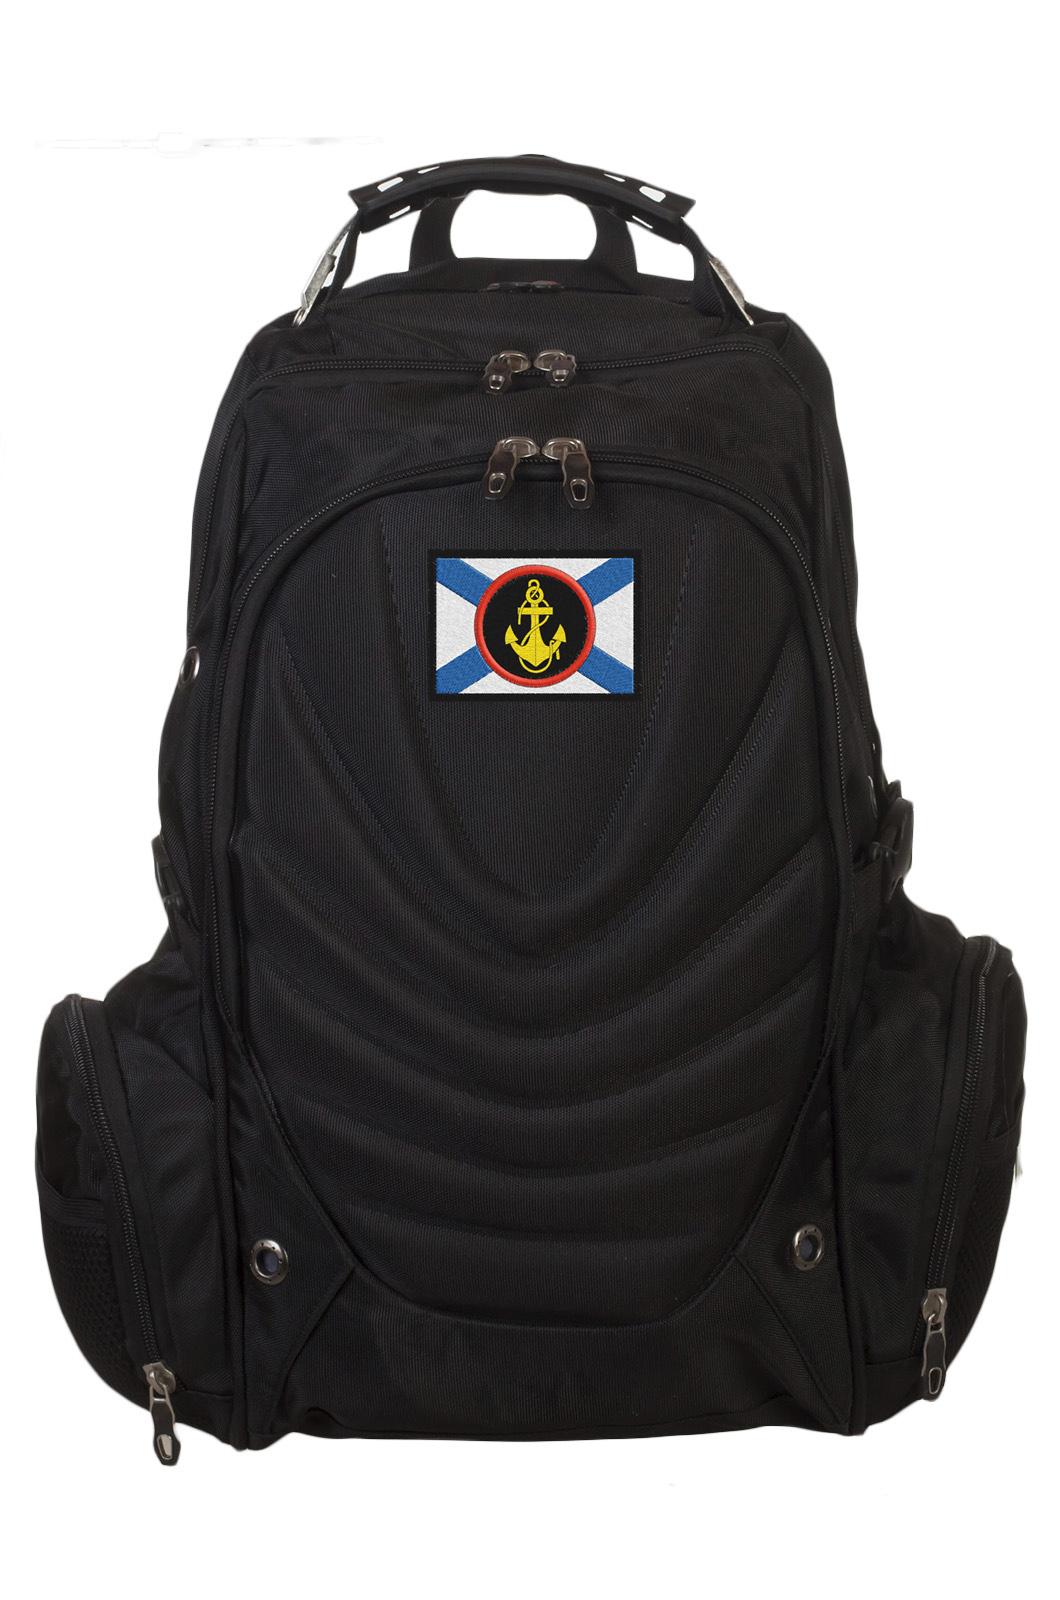 Универсальный крутой рюкзак с нашивкой Морпех